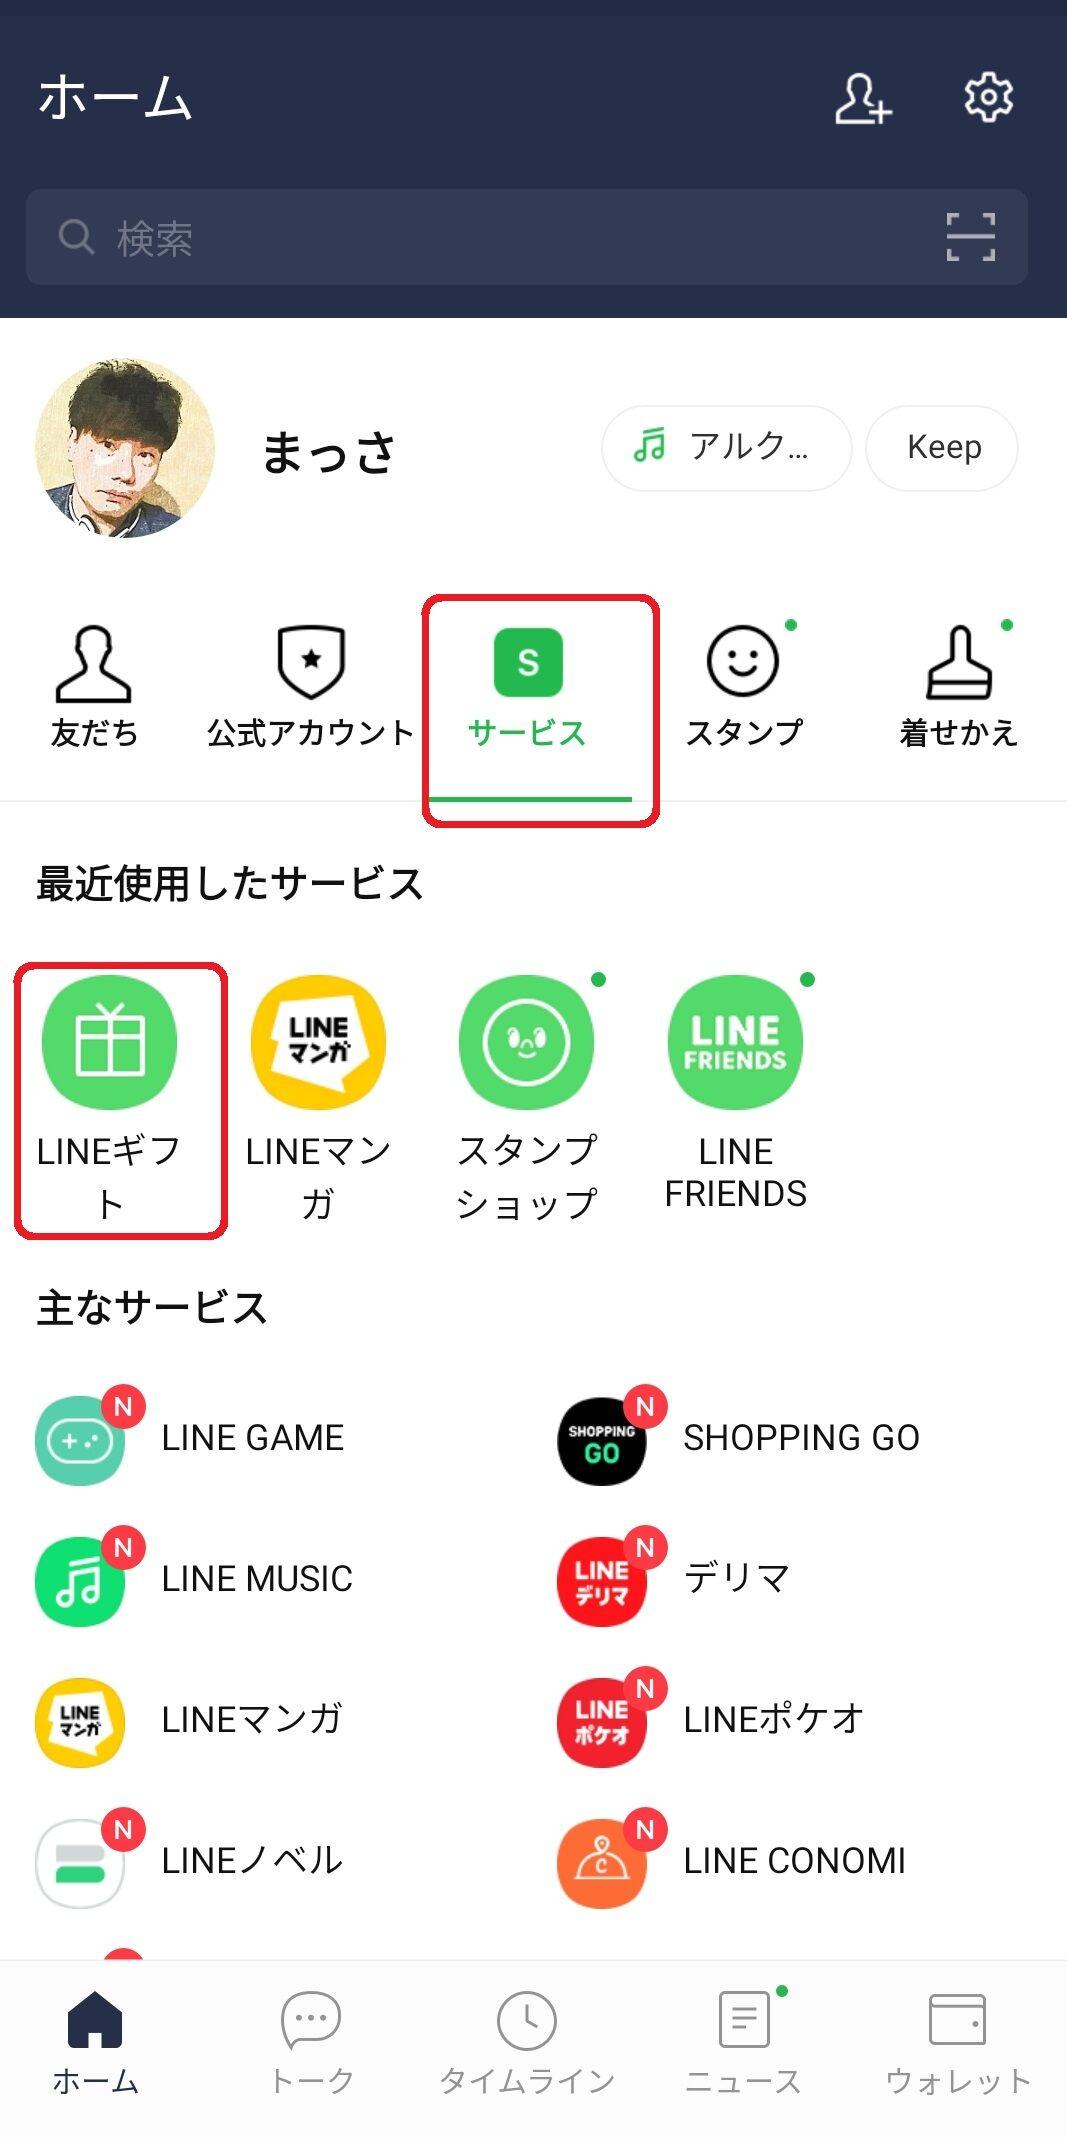 マッチング アプリ ライン